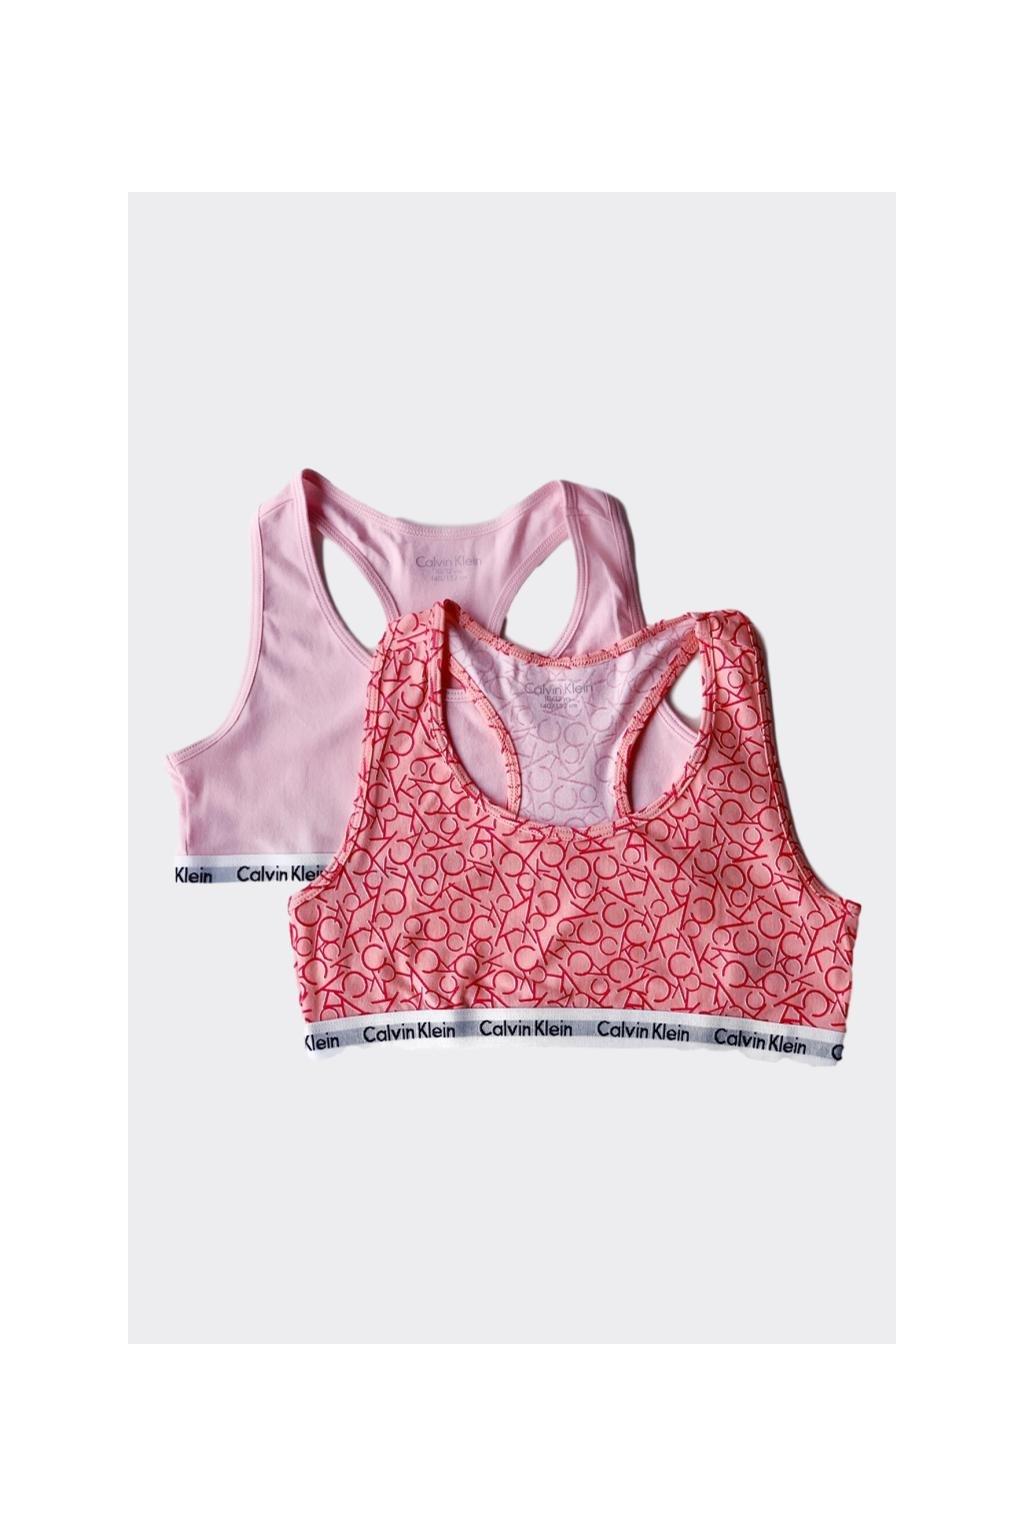 PRO DĚTI! Calvin Klein 2 balení Girls Braletky - logo, světle růžová